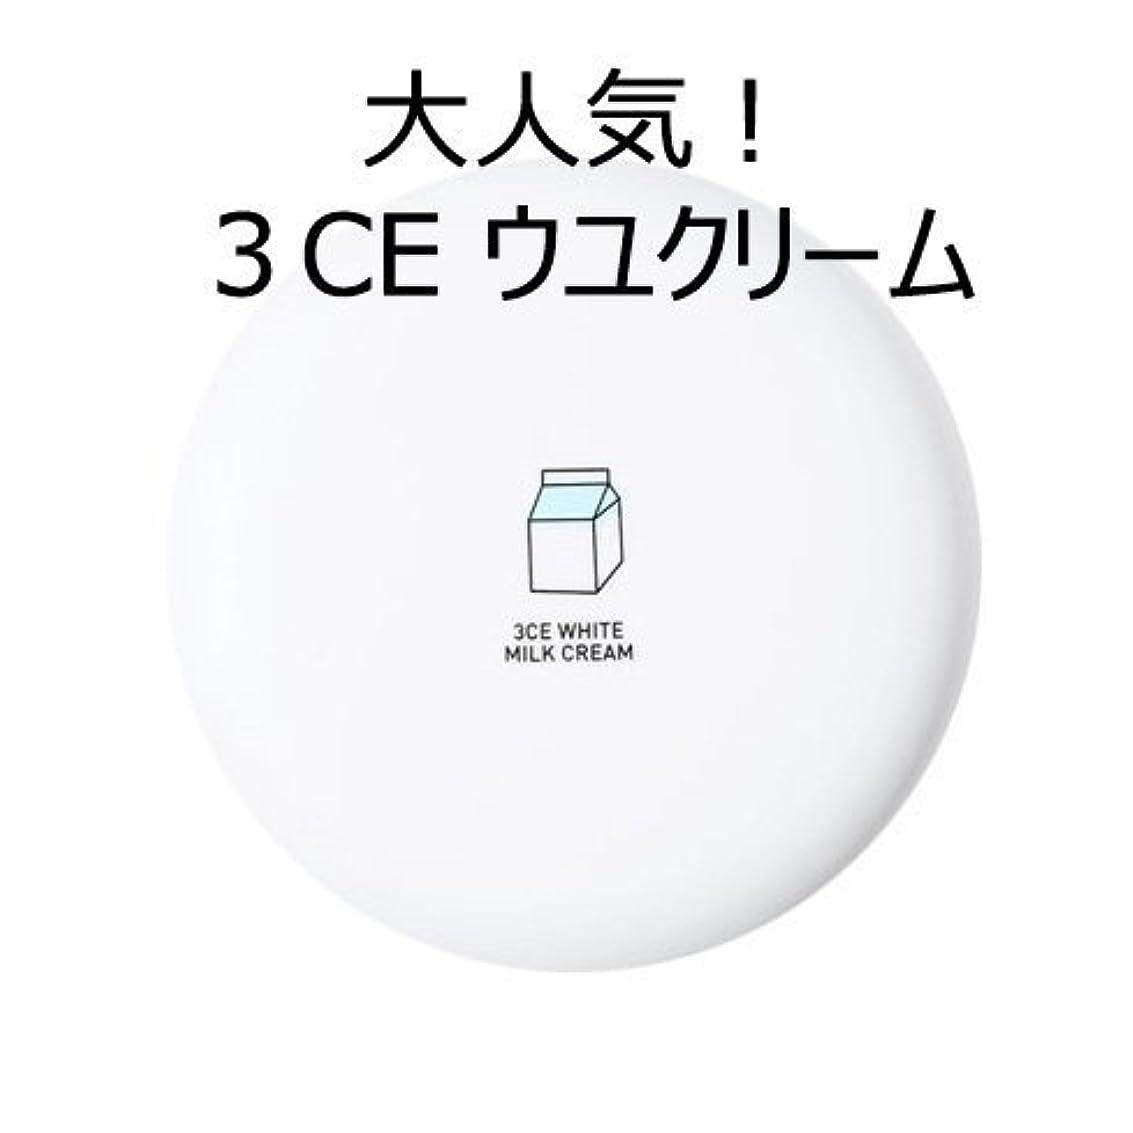 承認する日曜日ソケット[3CE] [大人気!話題のウユクリーム] 3CE White Milk Cream [並行輸入品]